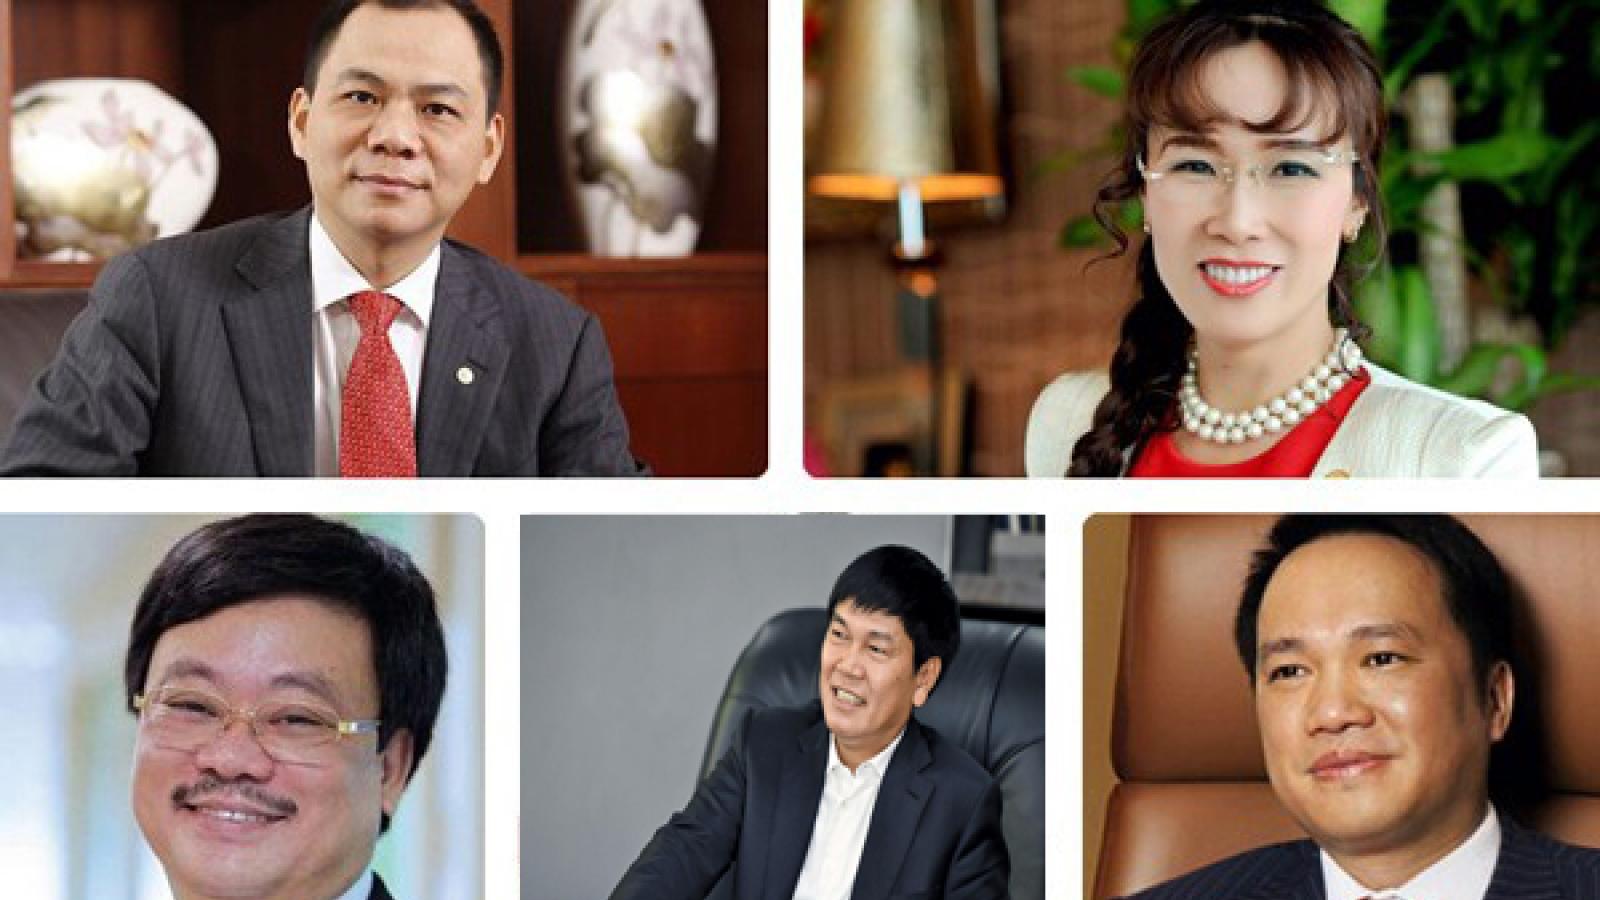 Doanh nhân nào giàu nhất sàn chứng khoán Việt Nam hiện nay?